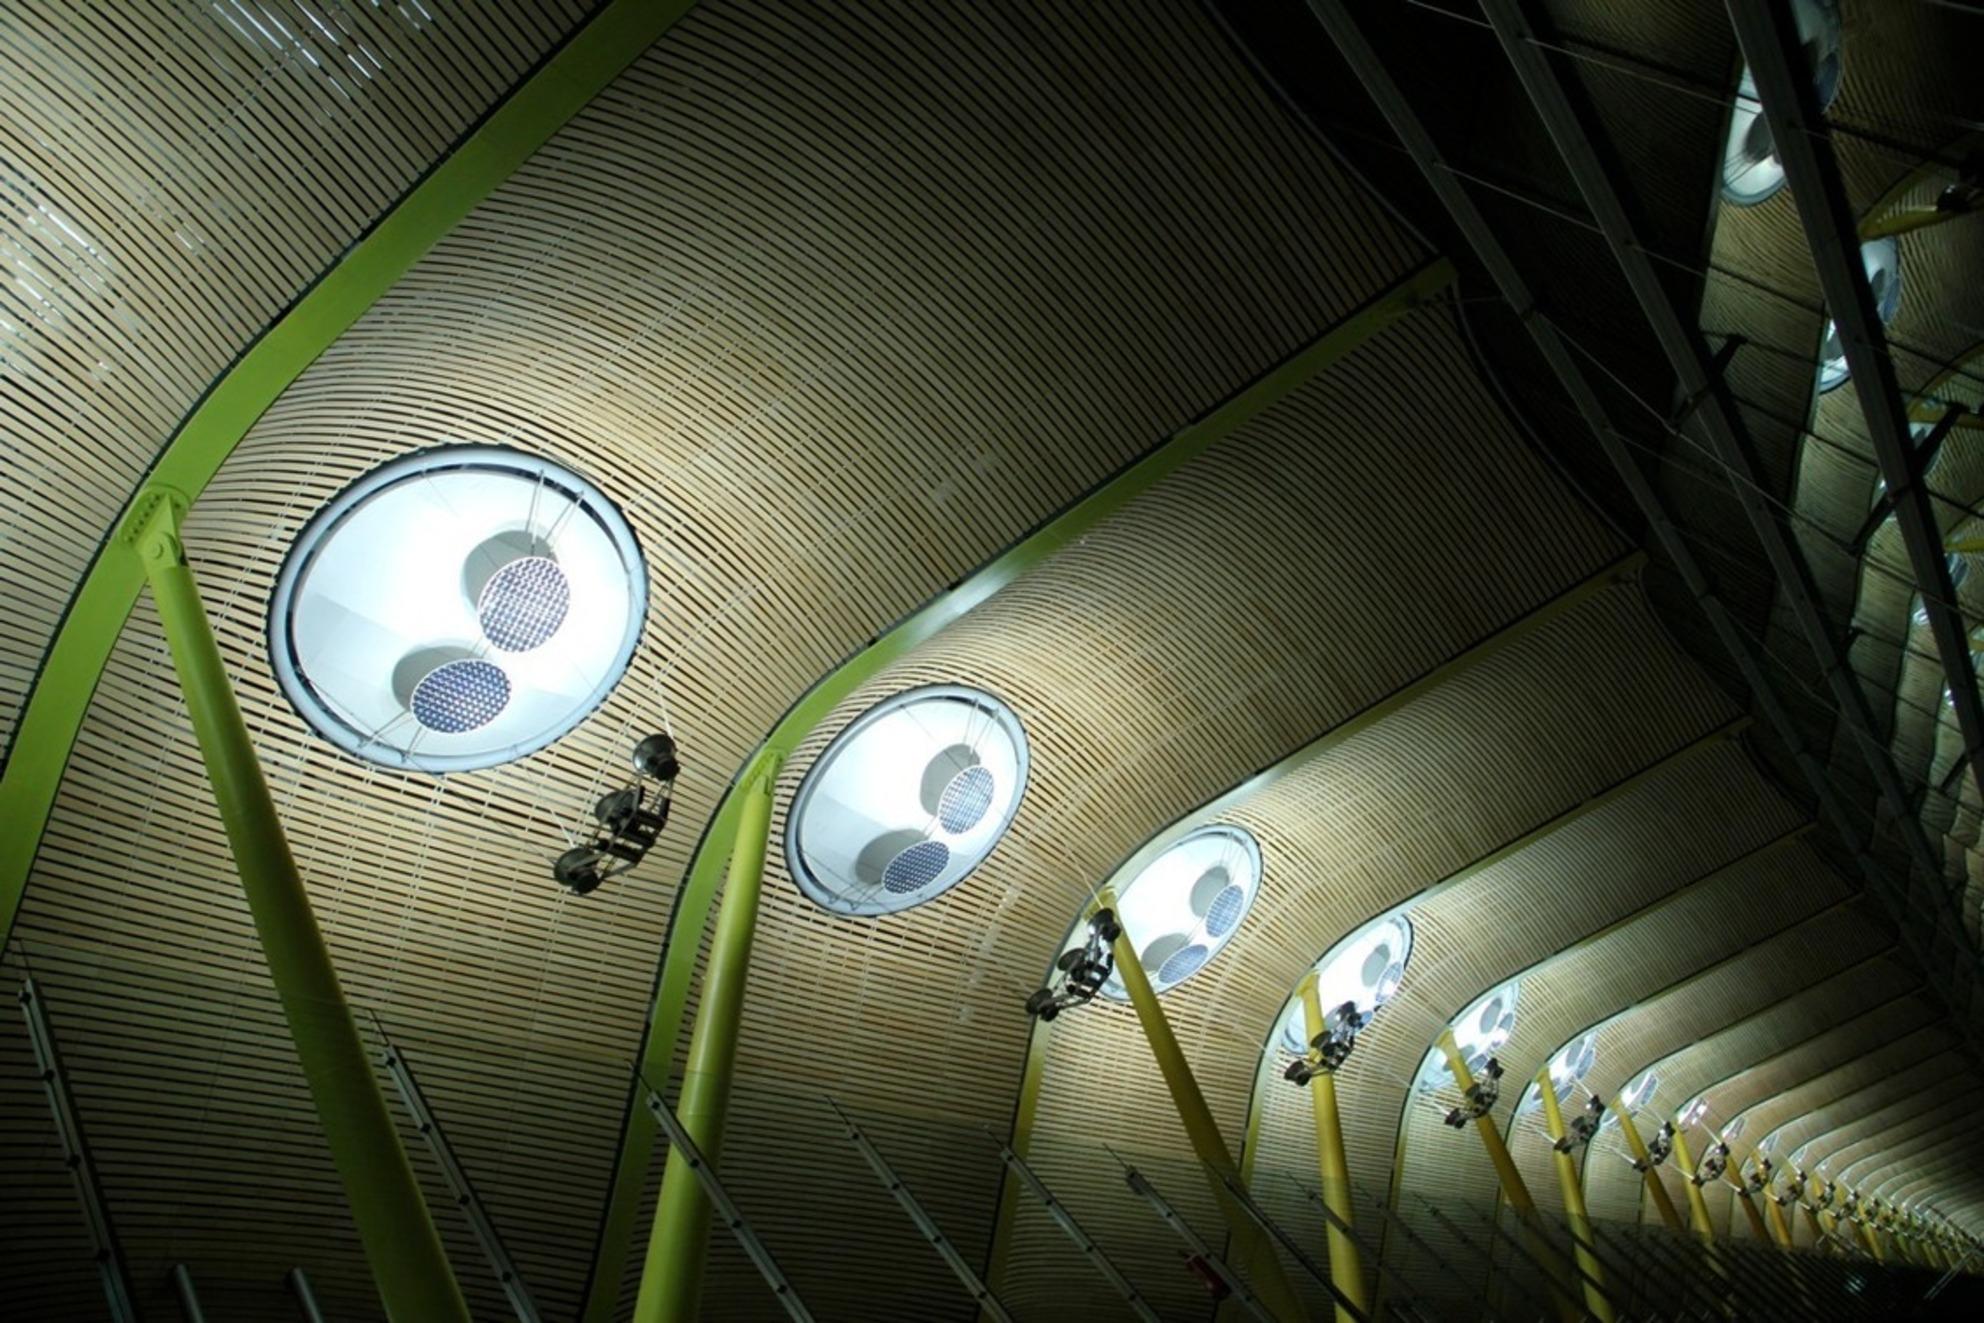 Vliegveld Madrid - Het dak van de centrale hal van het vliegveld in Madrid. De pilaren verlopen over een lengte van honderden meters van kleur. - foto door arjanx op 20-11-2011 - deze foto bevat: roze, blauw, tilburg, suikerspin, kermis, neon - Deze foto mag gebruikt worden in een Zoom.nl publicatie